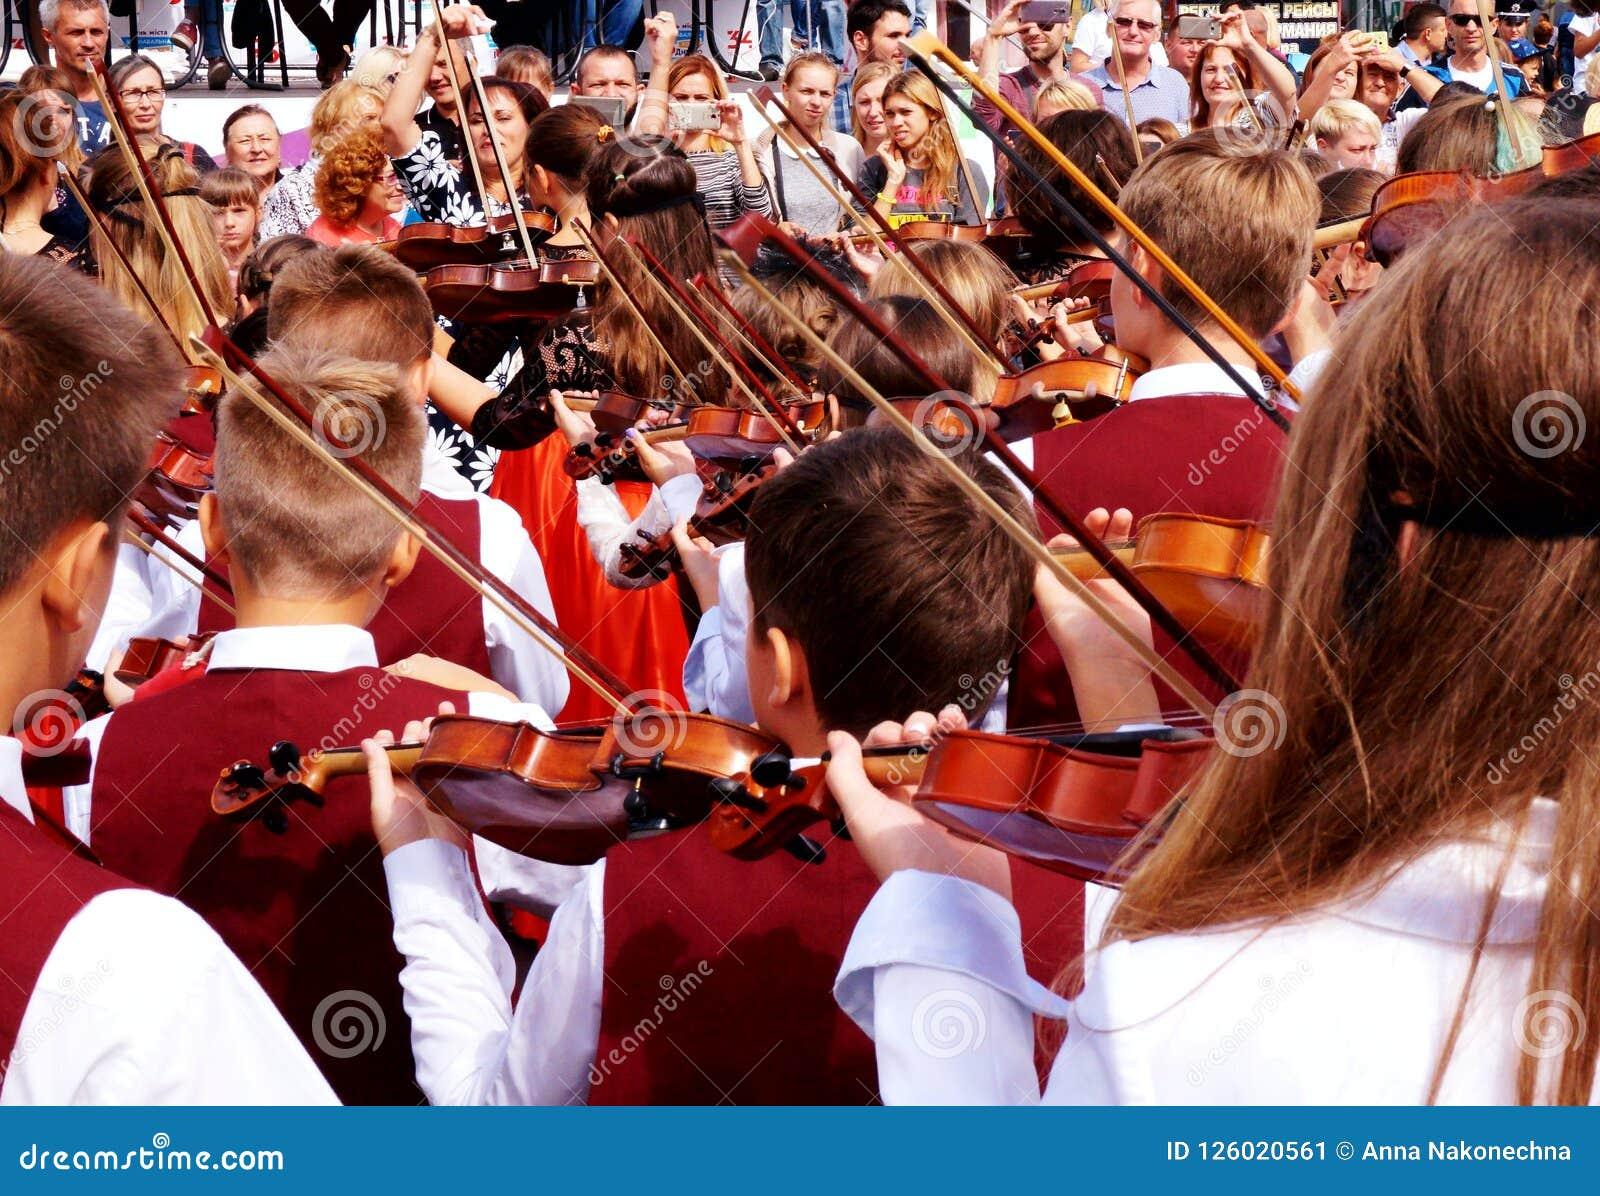 Die Violine an einer Karnevalsprozession zu Ehren des Feierns des Stadt ` s Tages spielen